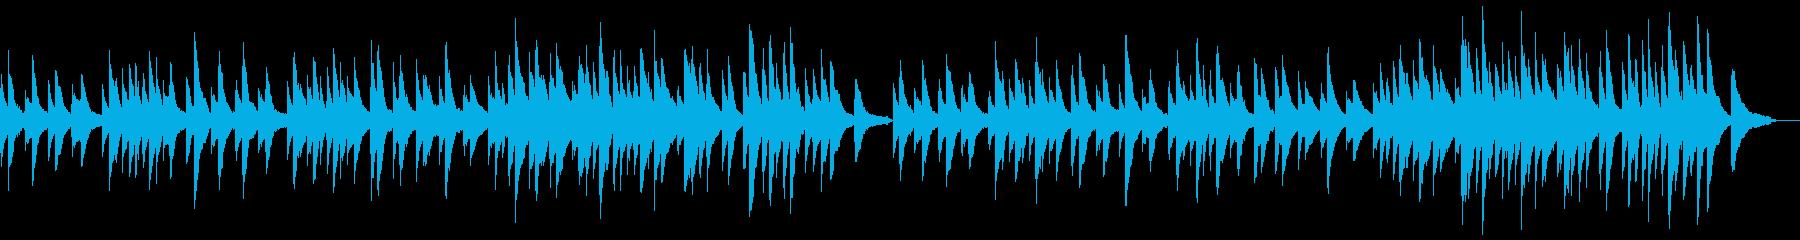 サティ ジムノペディ 1番の再生済みの波形